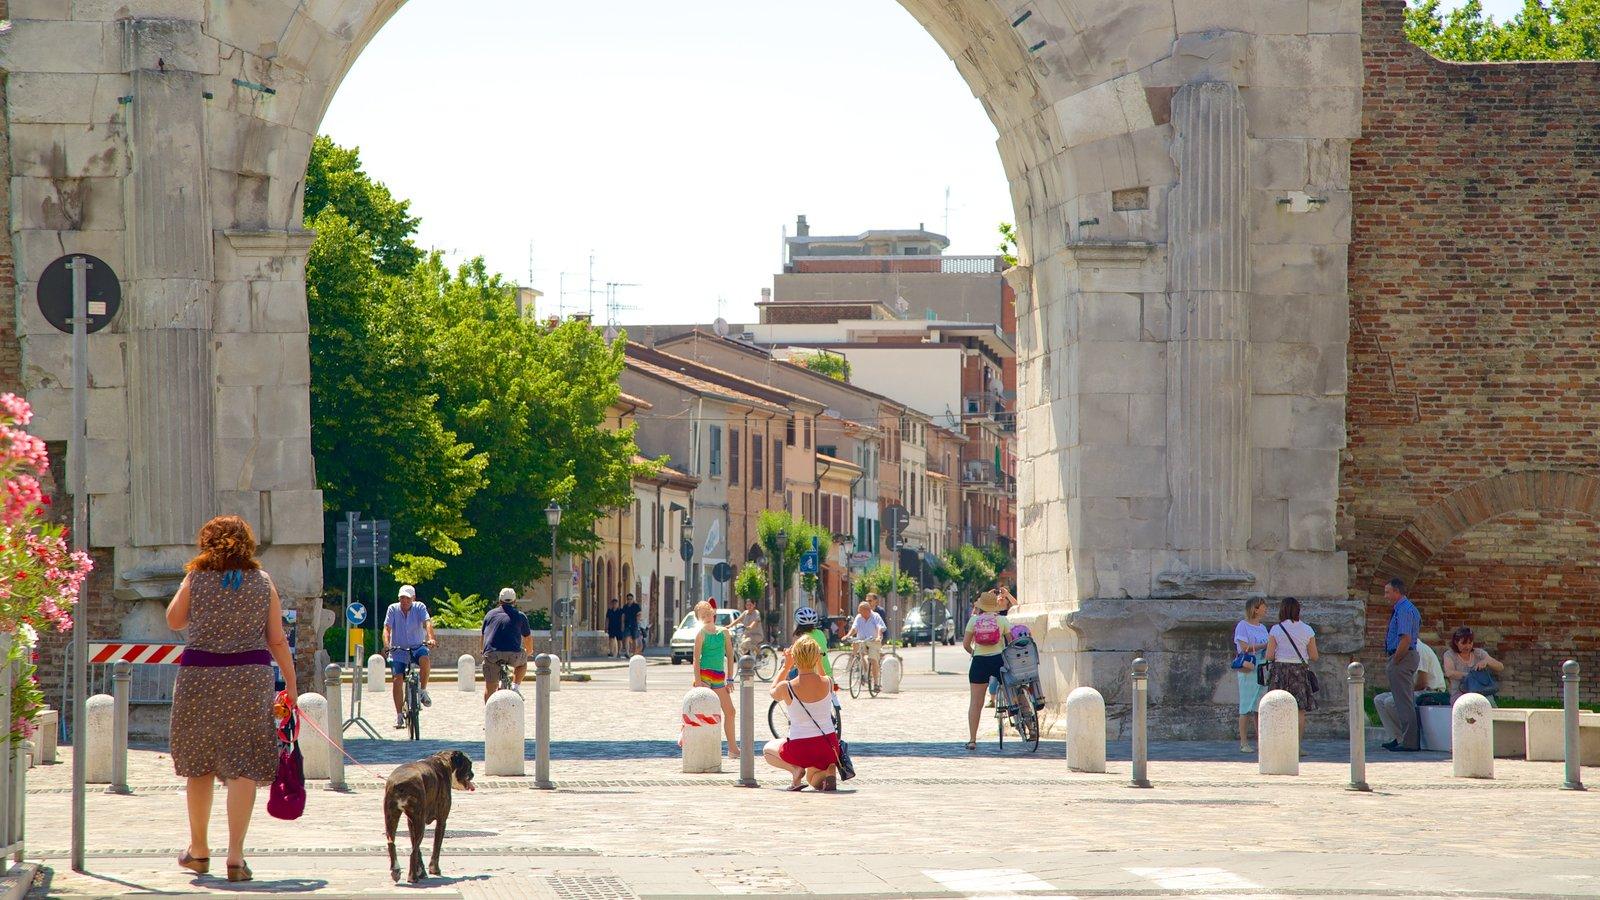 Arco de Augusto caracterizando um monumento, elementos de patrimônio e cenas de rua